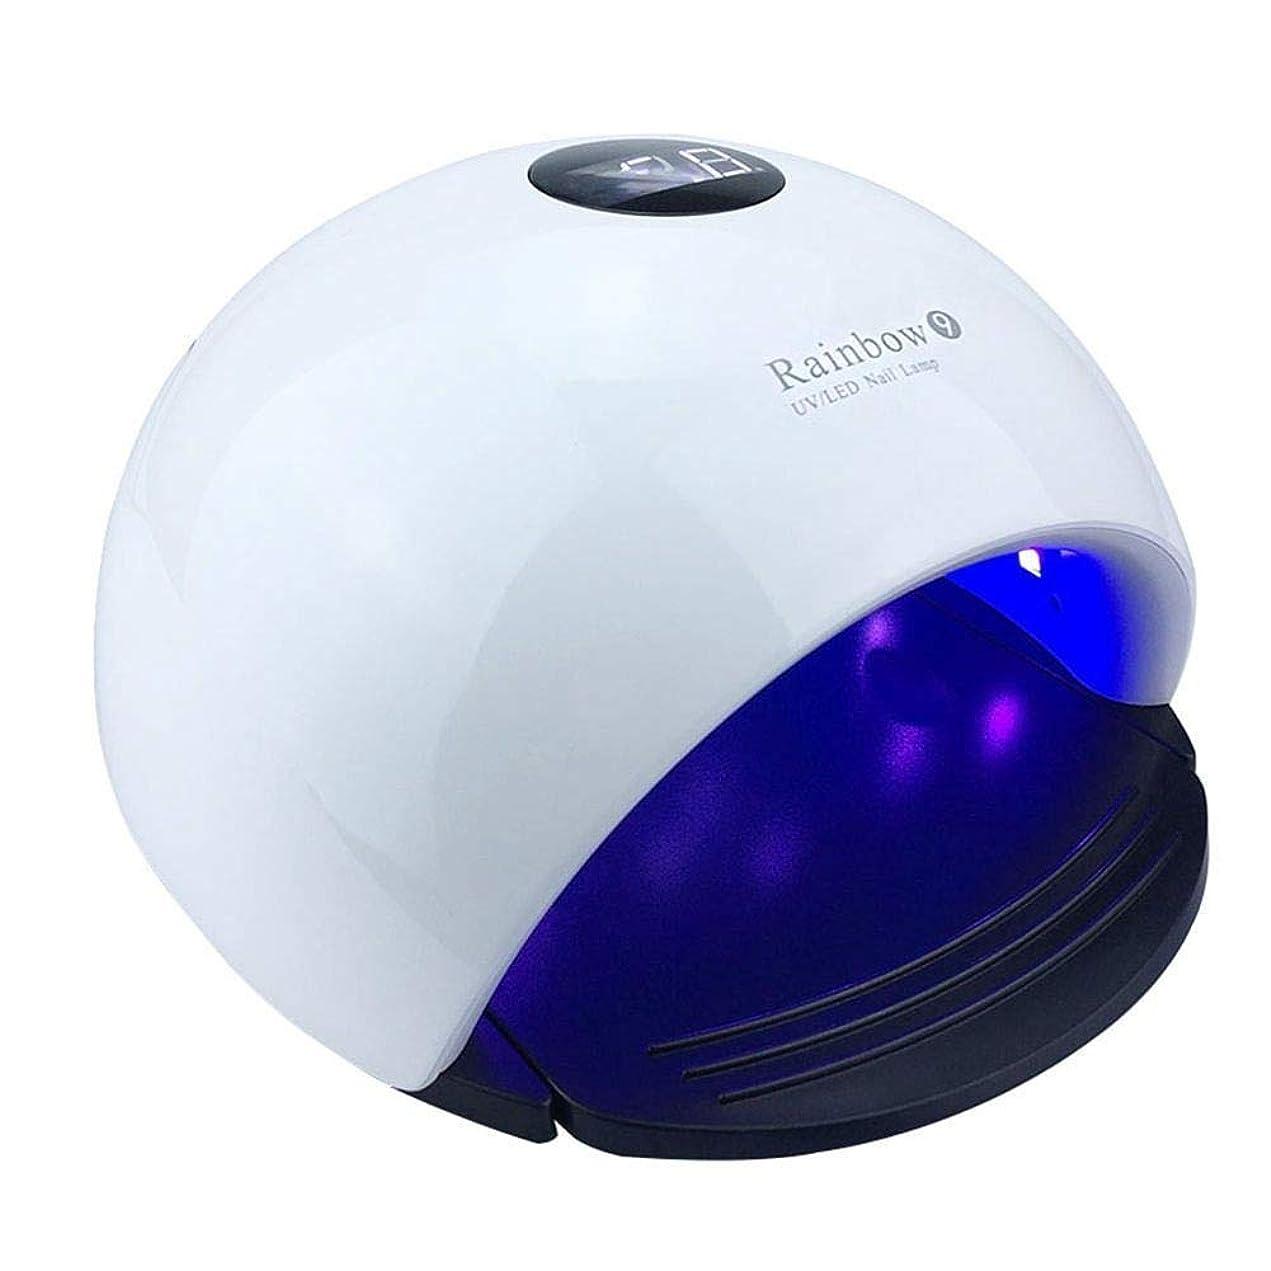 お互い人間からネイルドライヤーRainbow 9 UV Light 48Wネイルドライヤー24個入りLEDランプネイル用UV LEDネイルランプジェルネイル用硬化ポリッシュマニキュアツール、写真の色